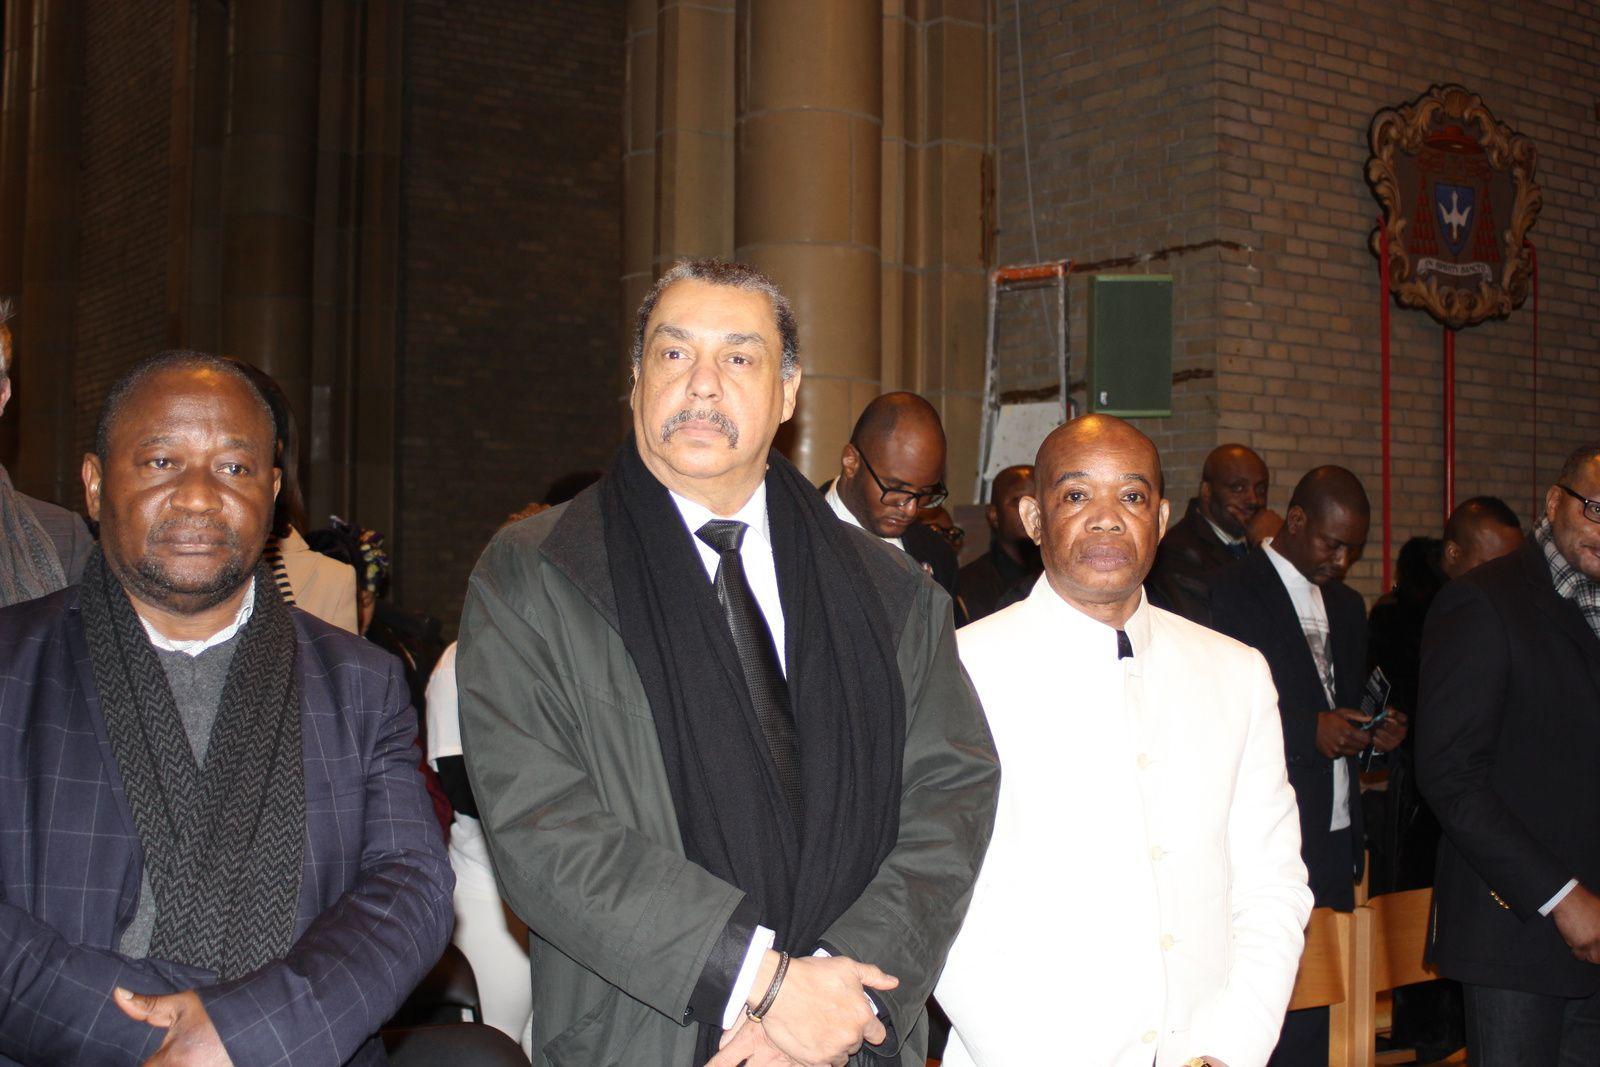 Page d'histoire: Messe de requiem à Bruxelles pour Étienne Tshisekedi